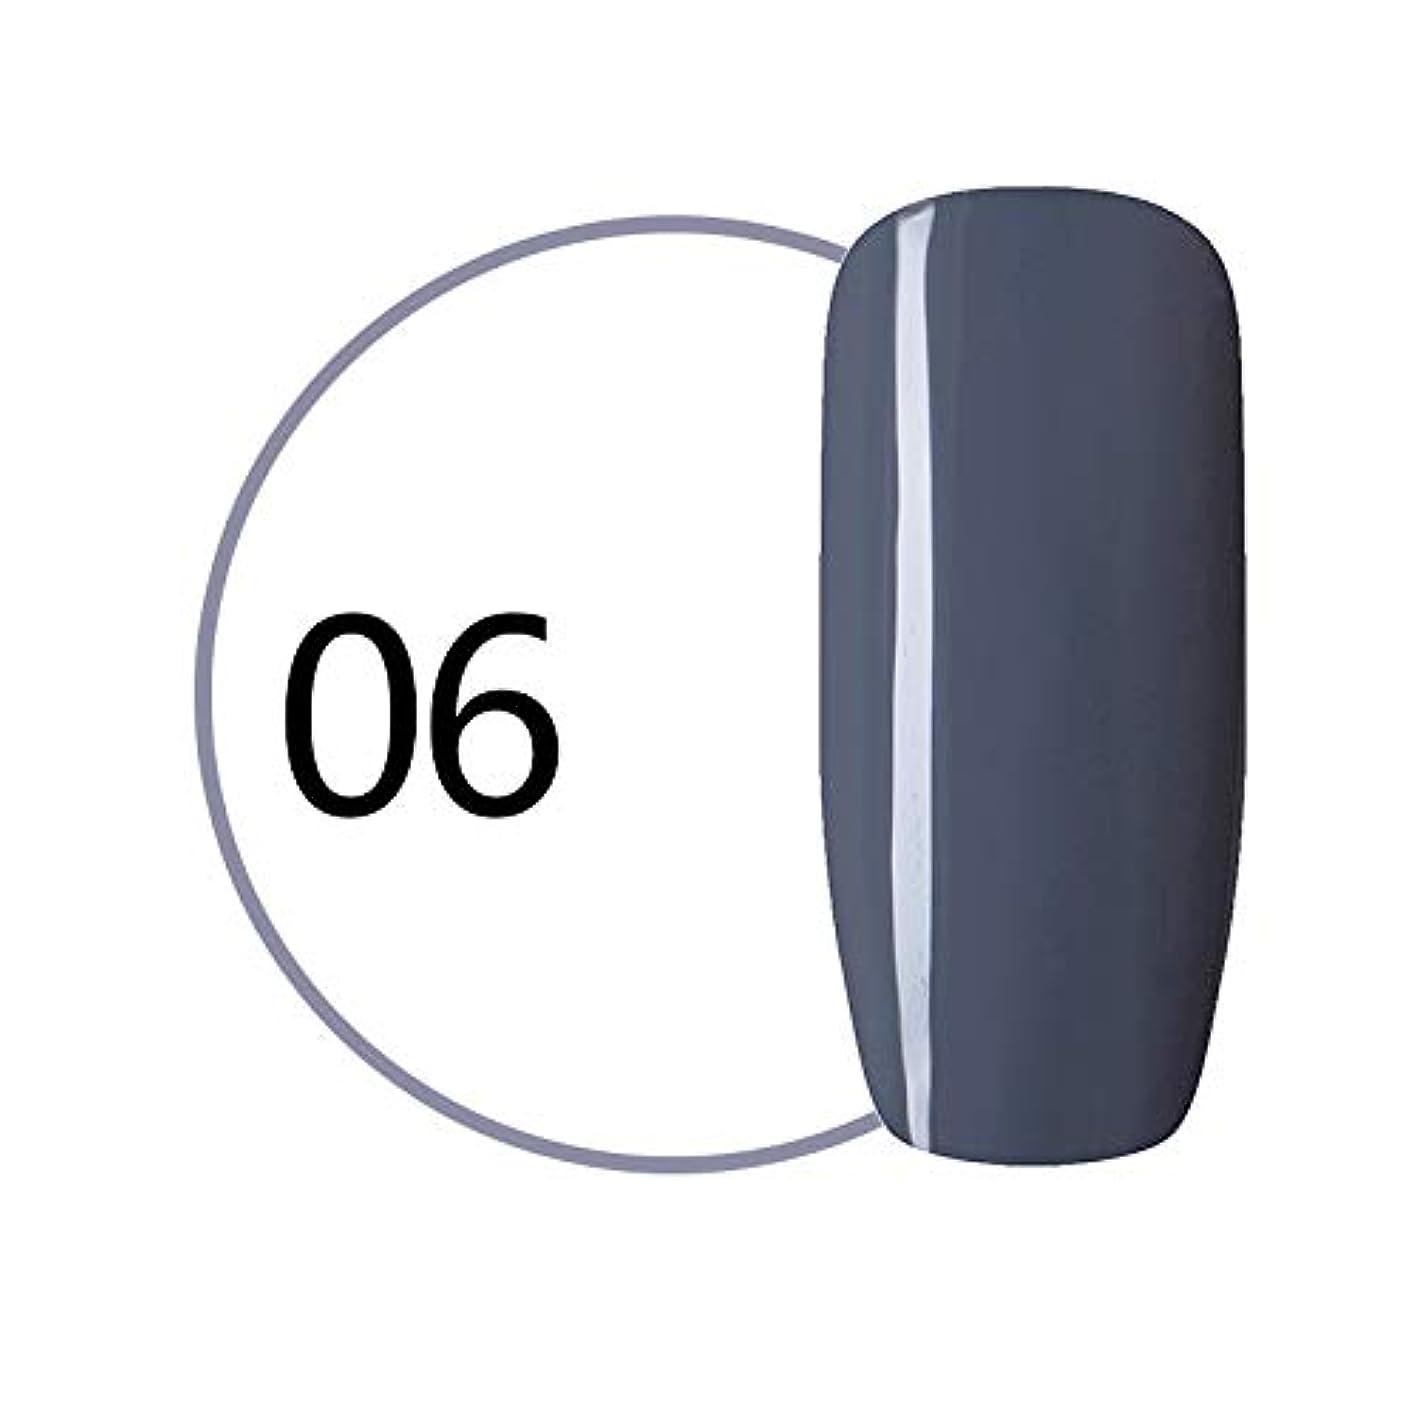 トレーダー高層ビル縁石Symboat マニキュア ソークオフ UV LED ネイルジェルポリッシュ ワイングレーシリーズ ネイル用品 女優 人気 初心者にも対応 安全 無毒